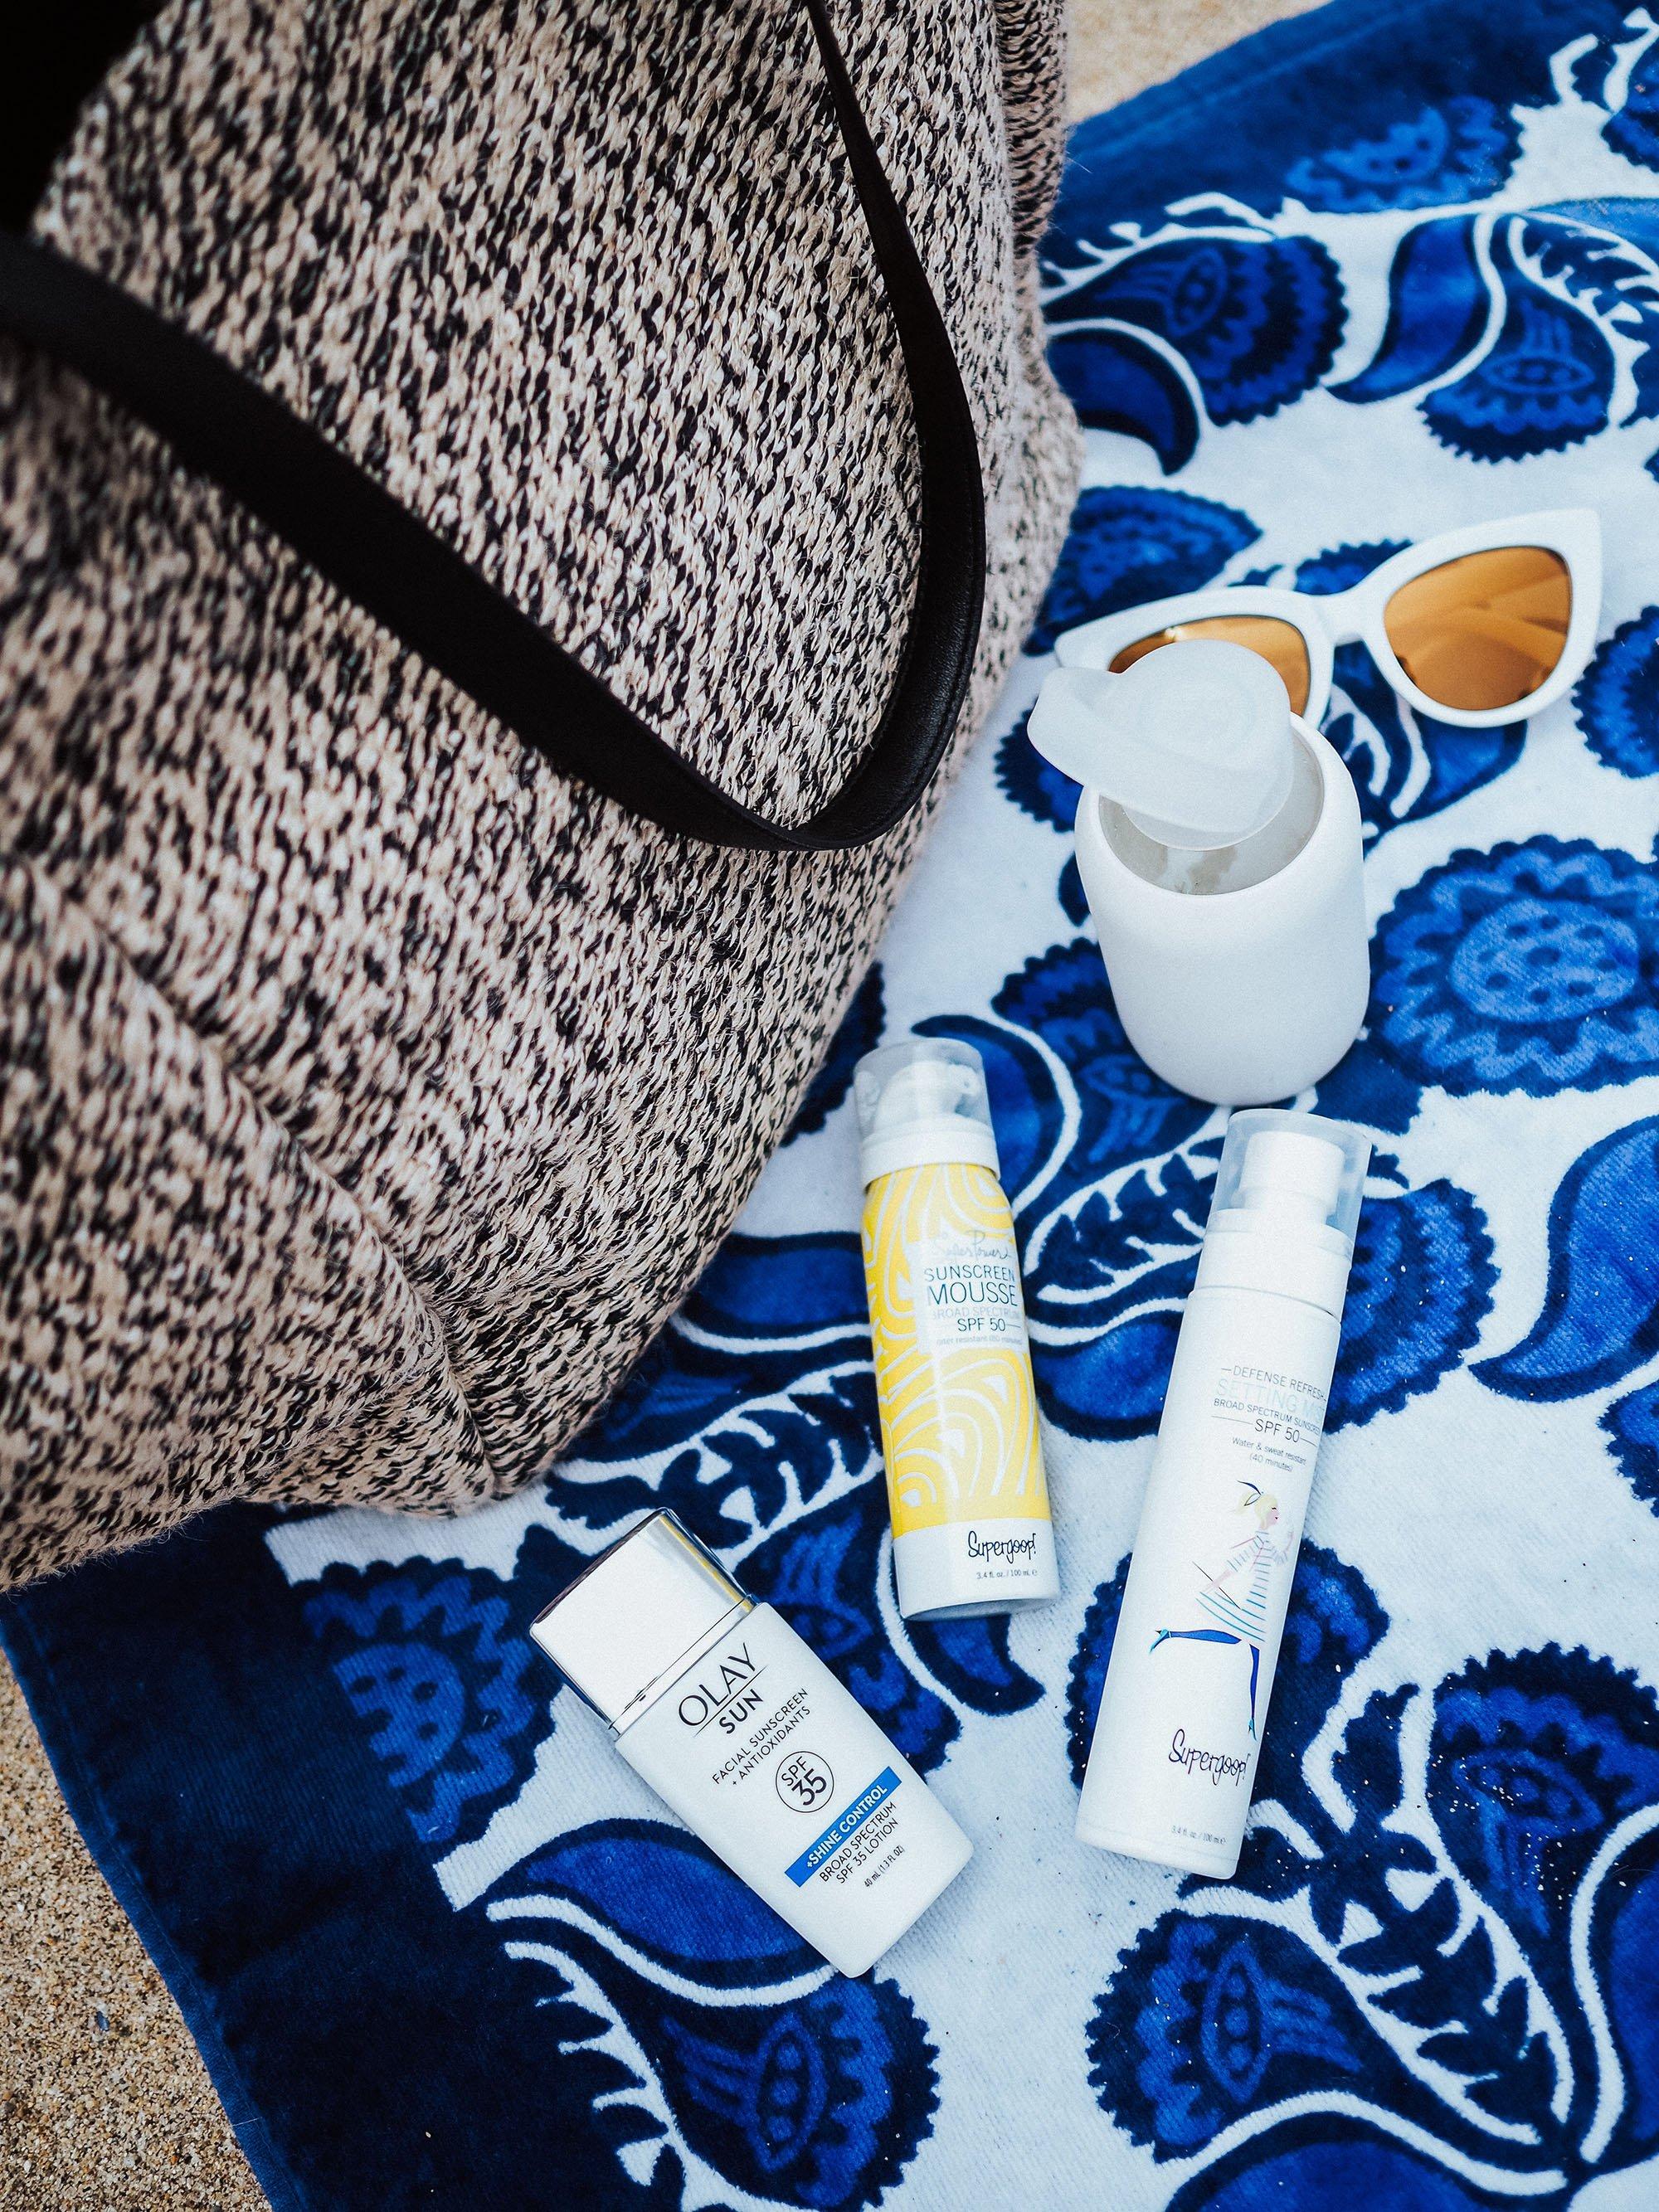 beach-bag-essentials